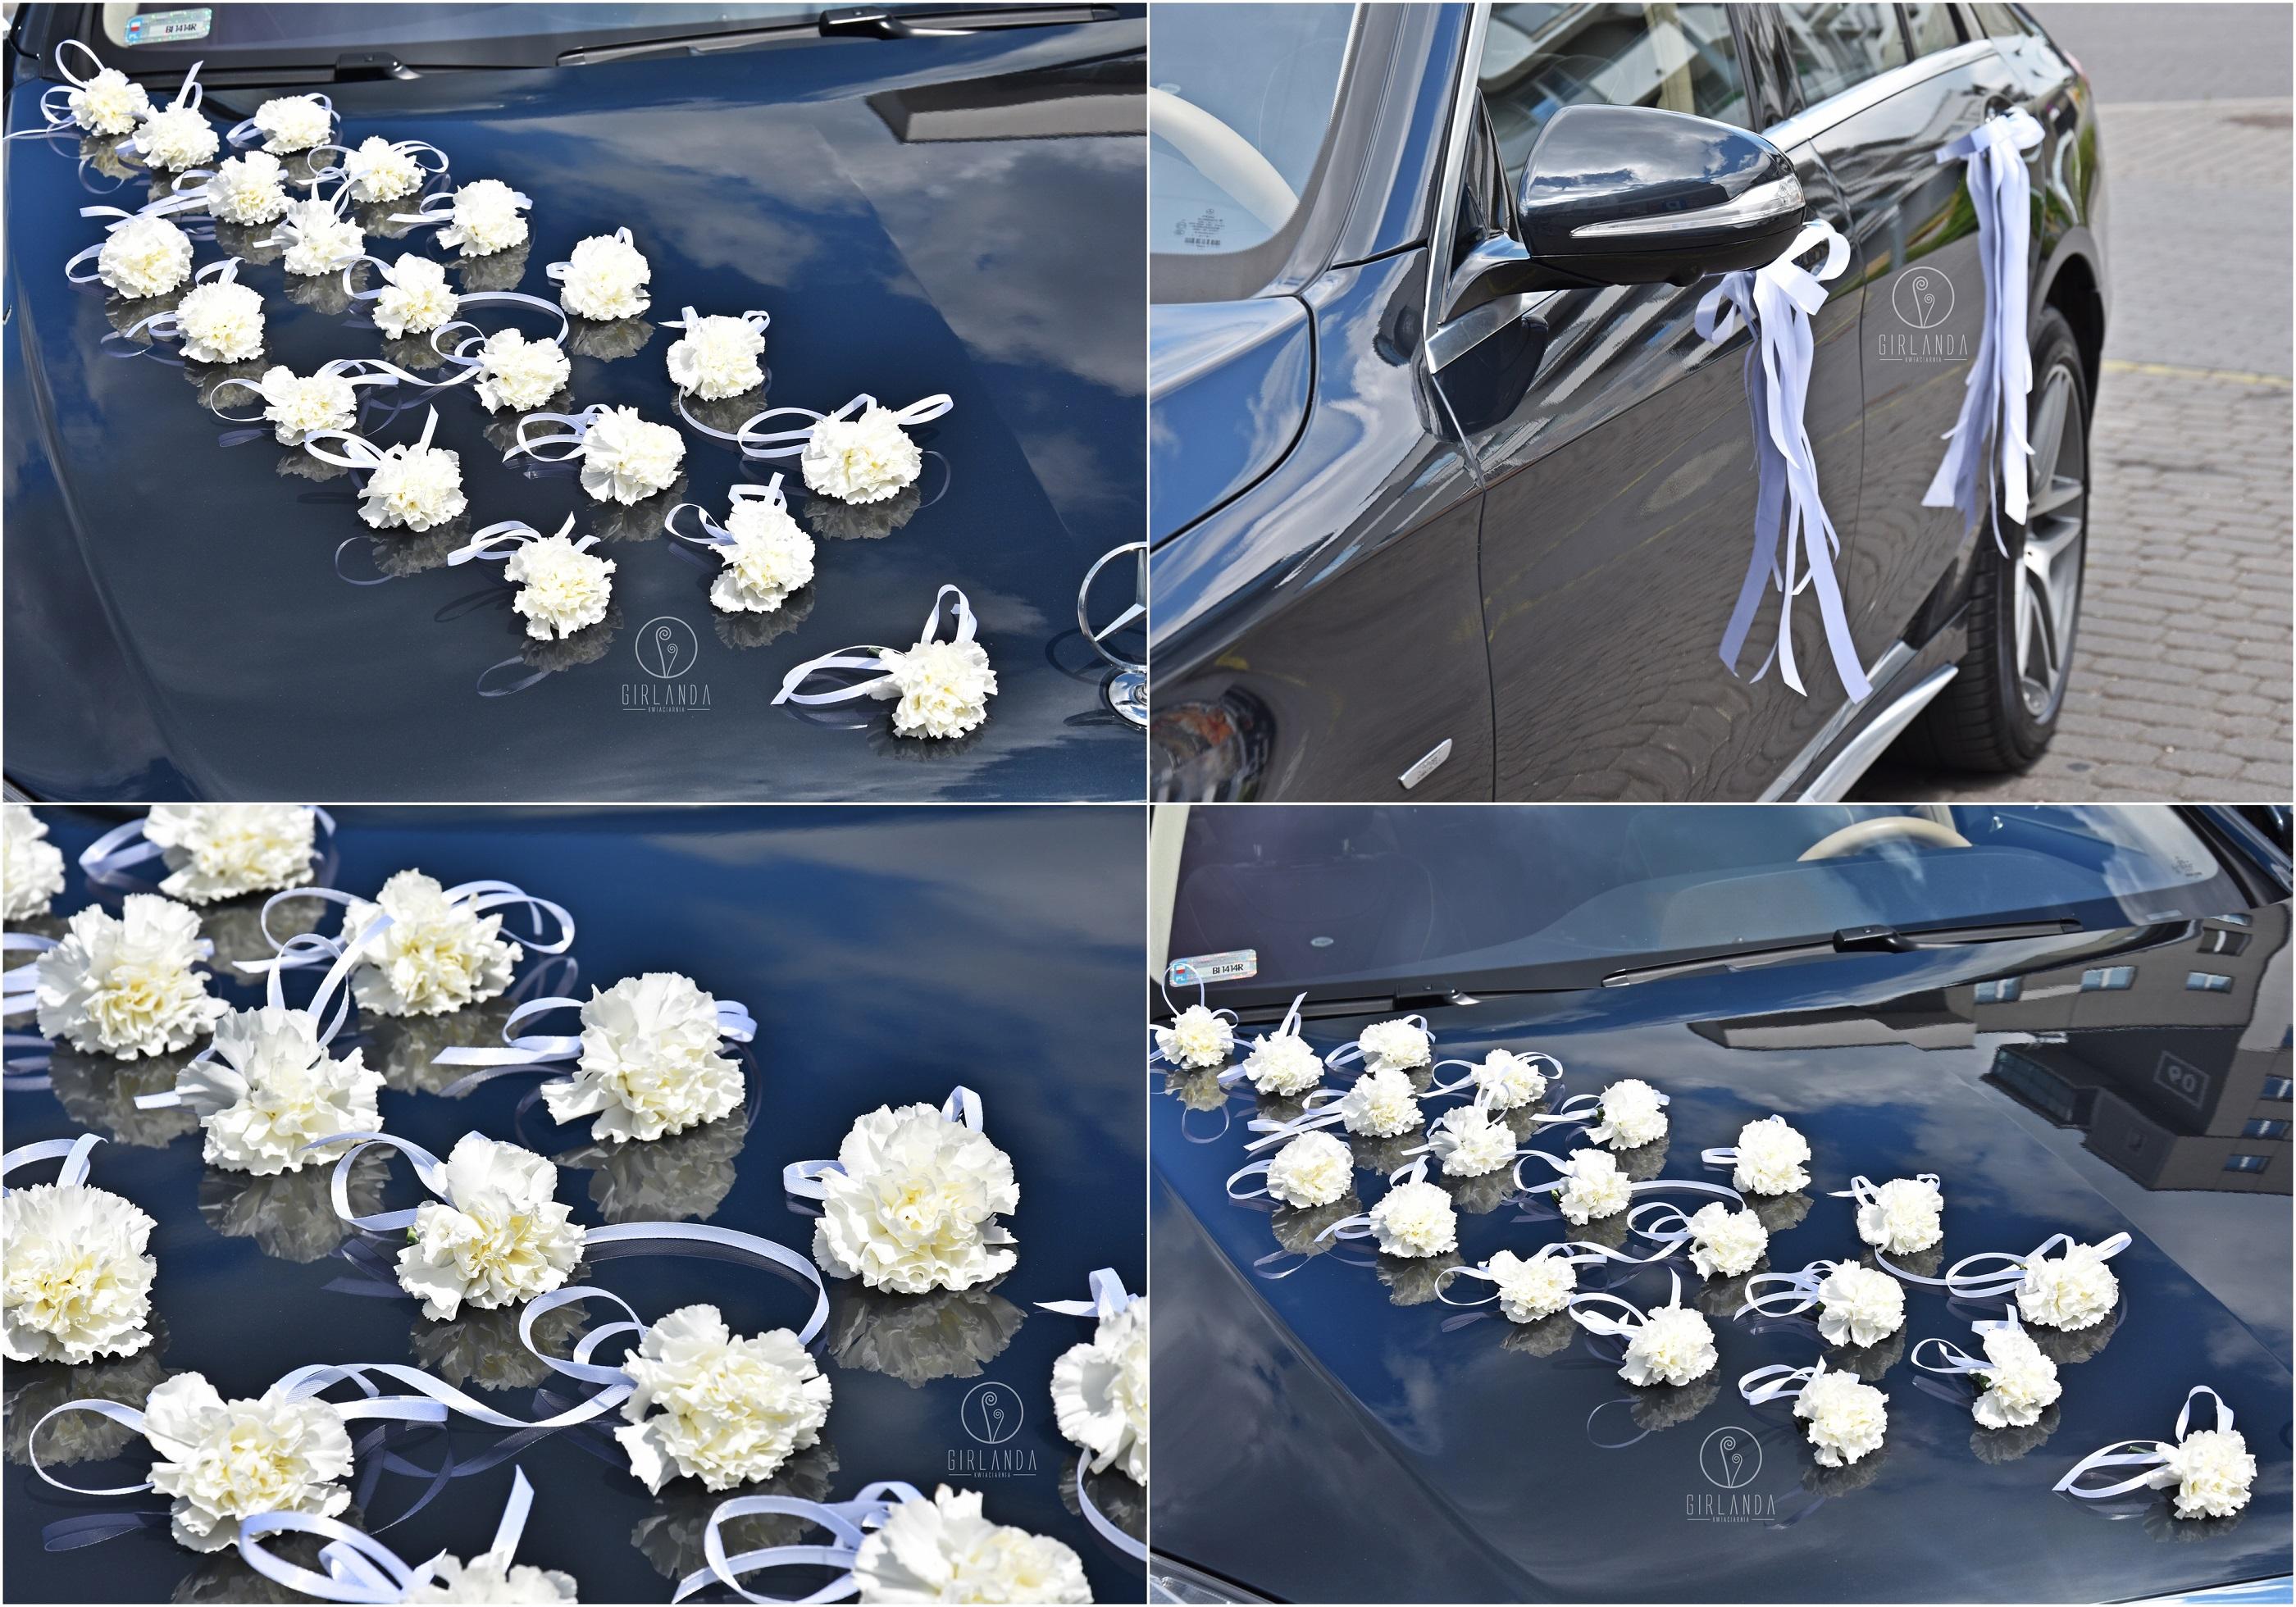 Wybitny Dekoracja samochodu ślubnego Białystok - Kwiaciarnia Girlanda LR56